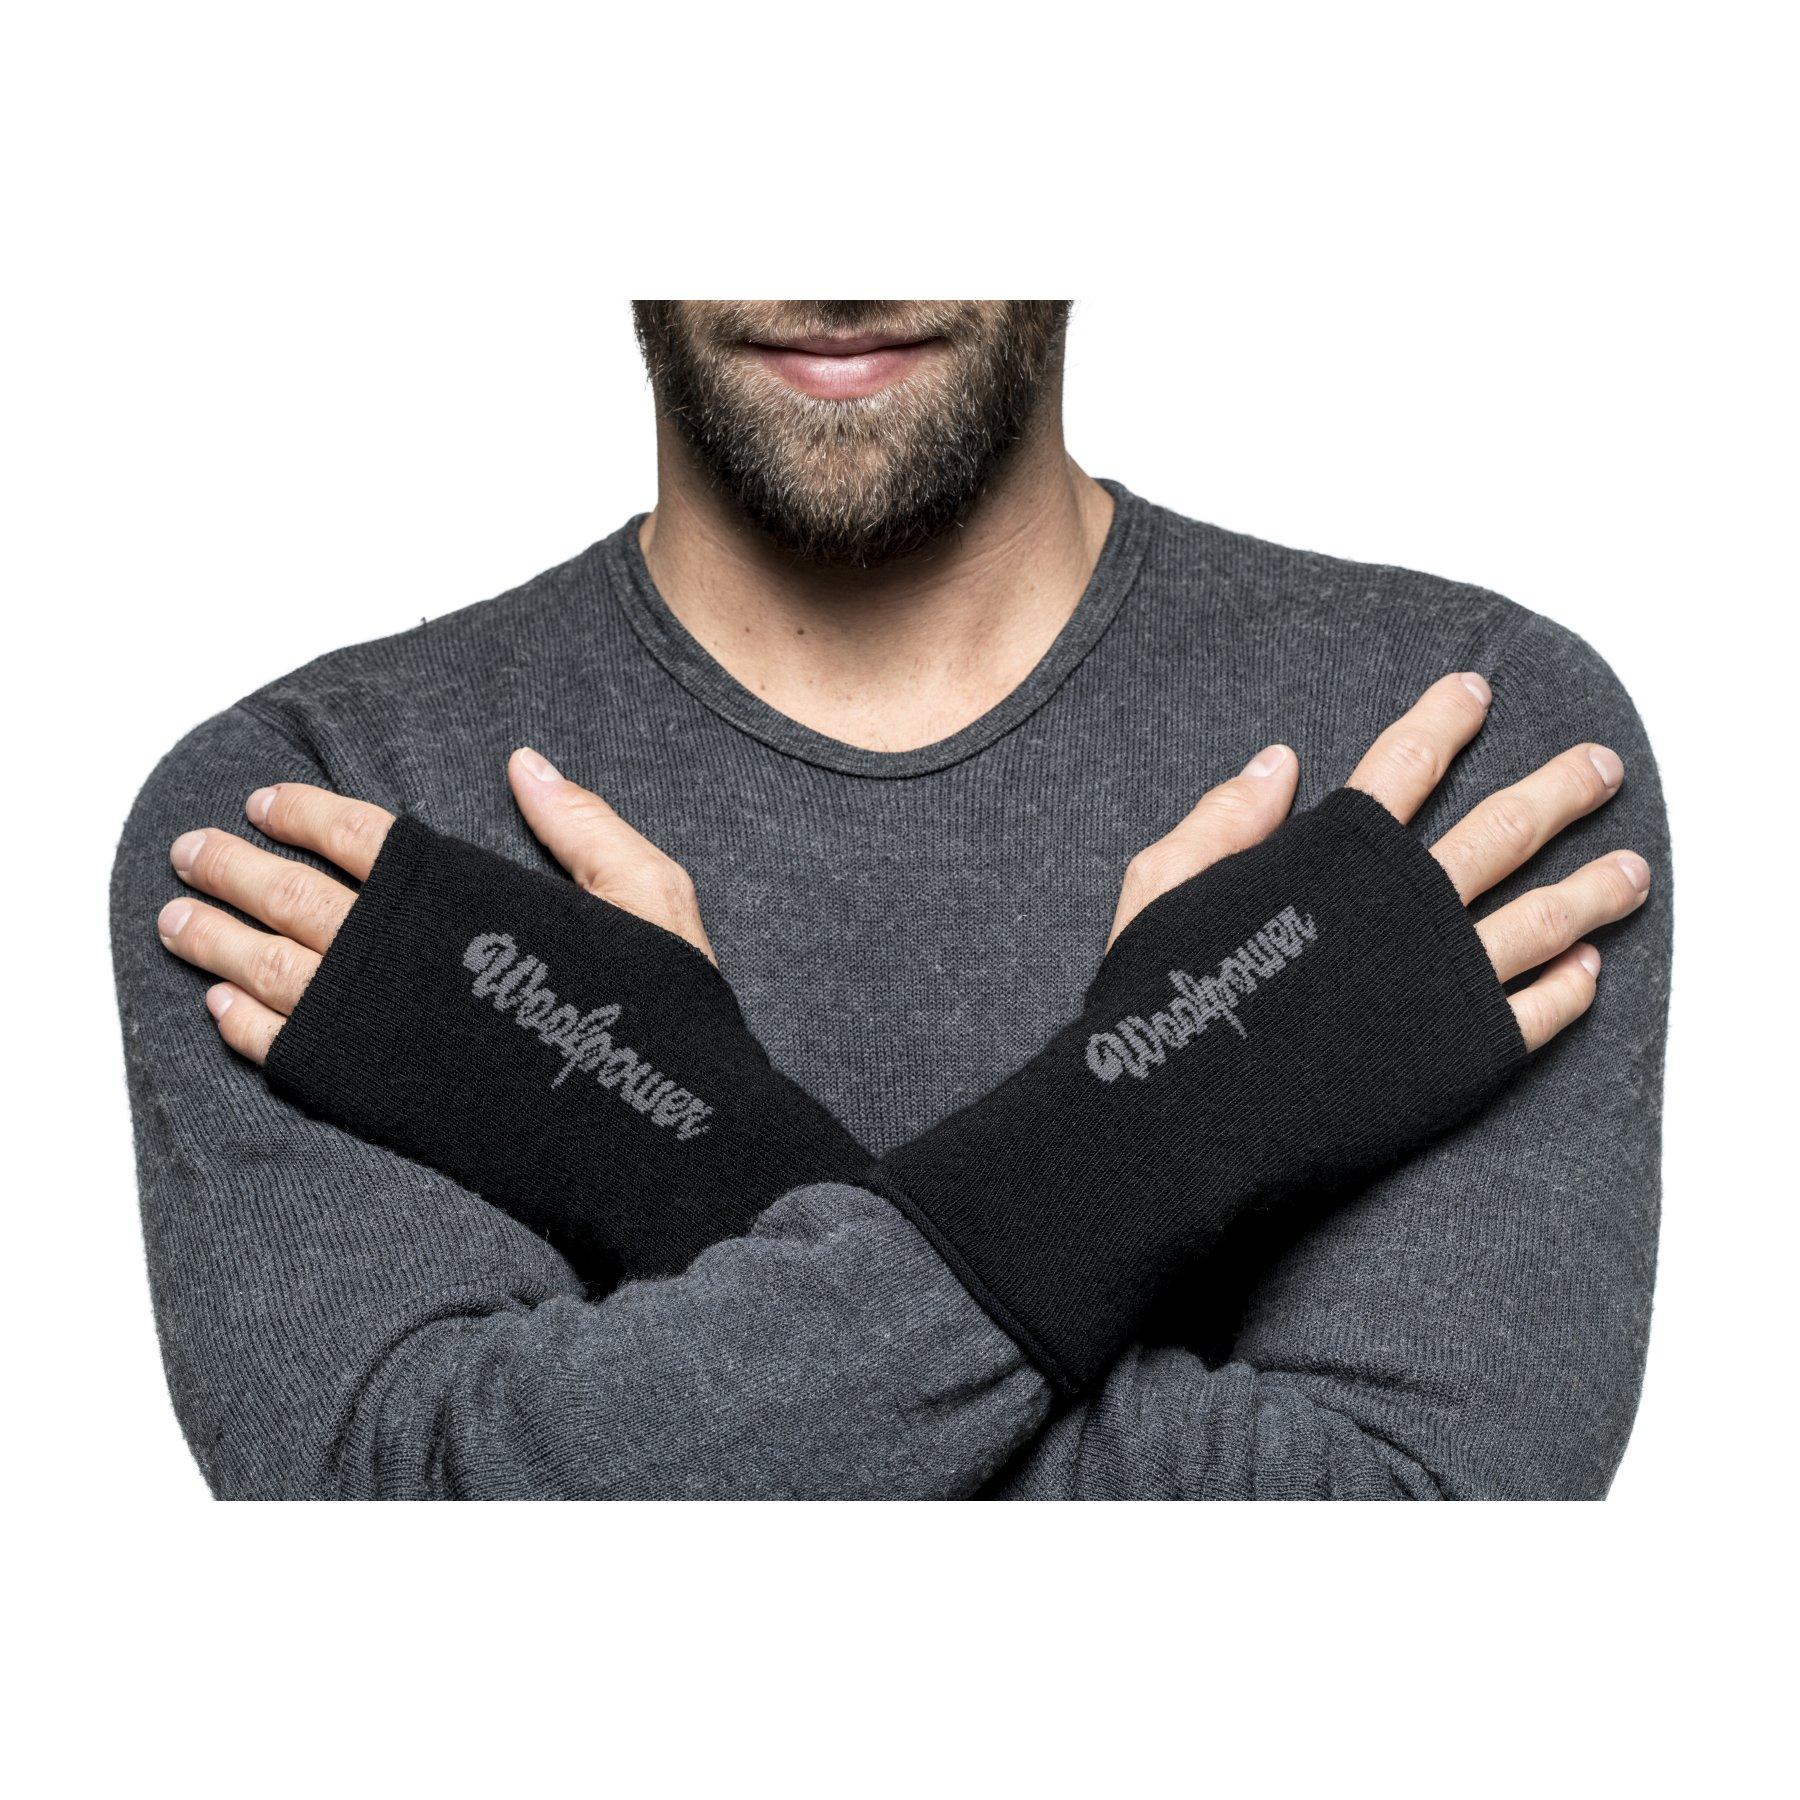 Image of Woolpower Wrist Gaiter 200 - black